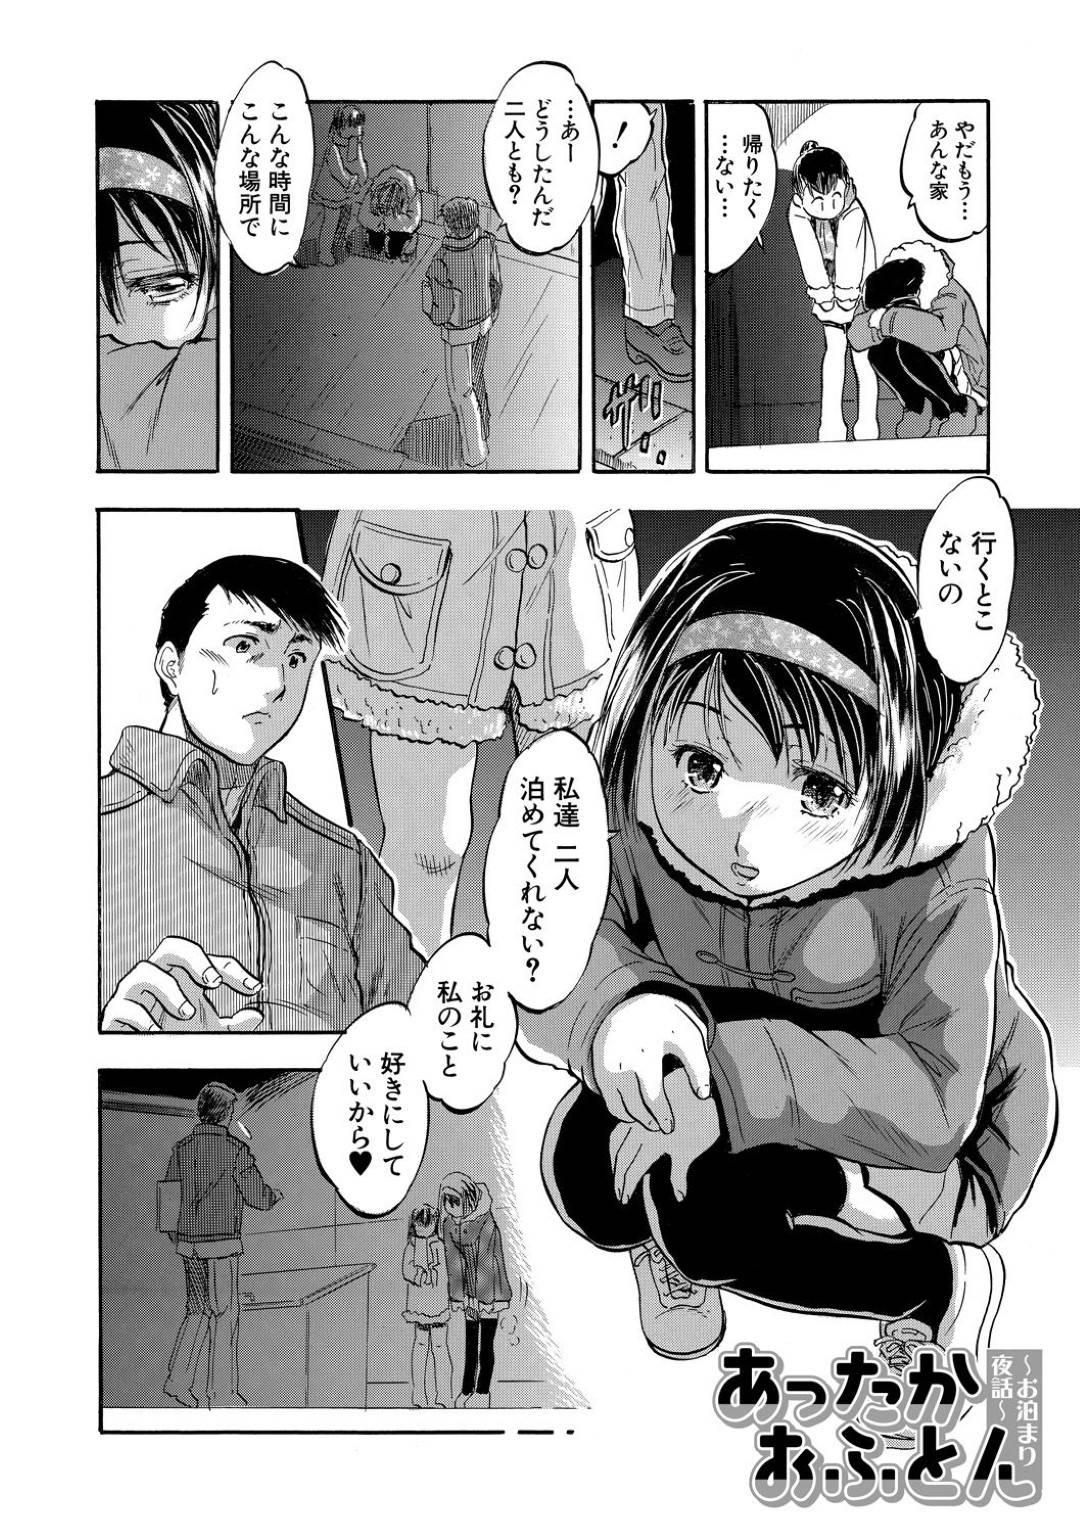 【エロ漫画】再婚した義父に犯される妹を守るべく姉が自らの体を差し出してのSEX【智沢渚優/つるぺたハーレムだよ】